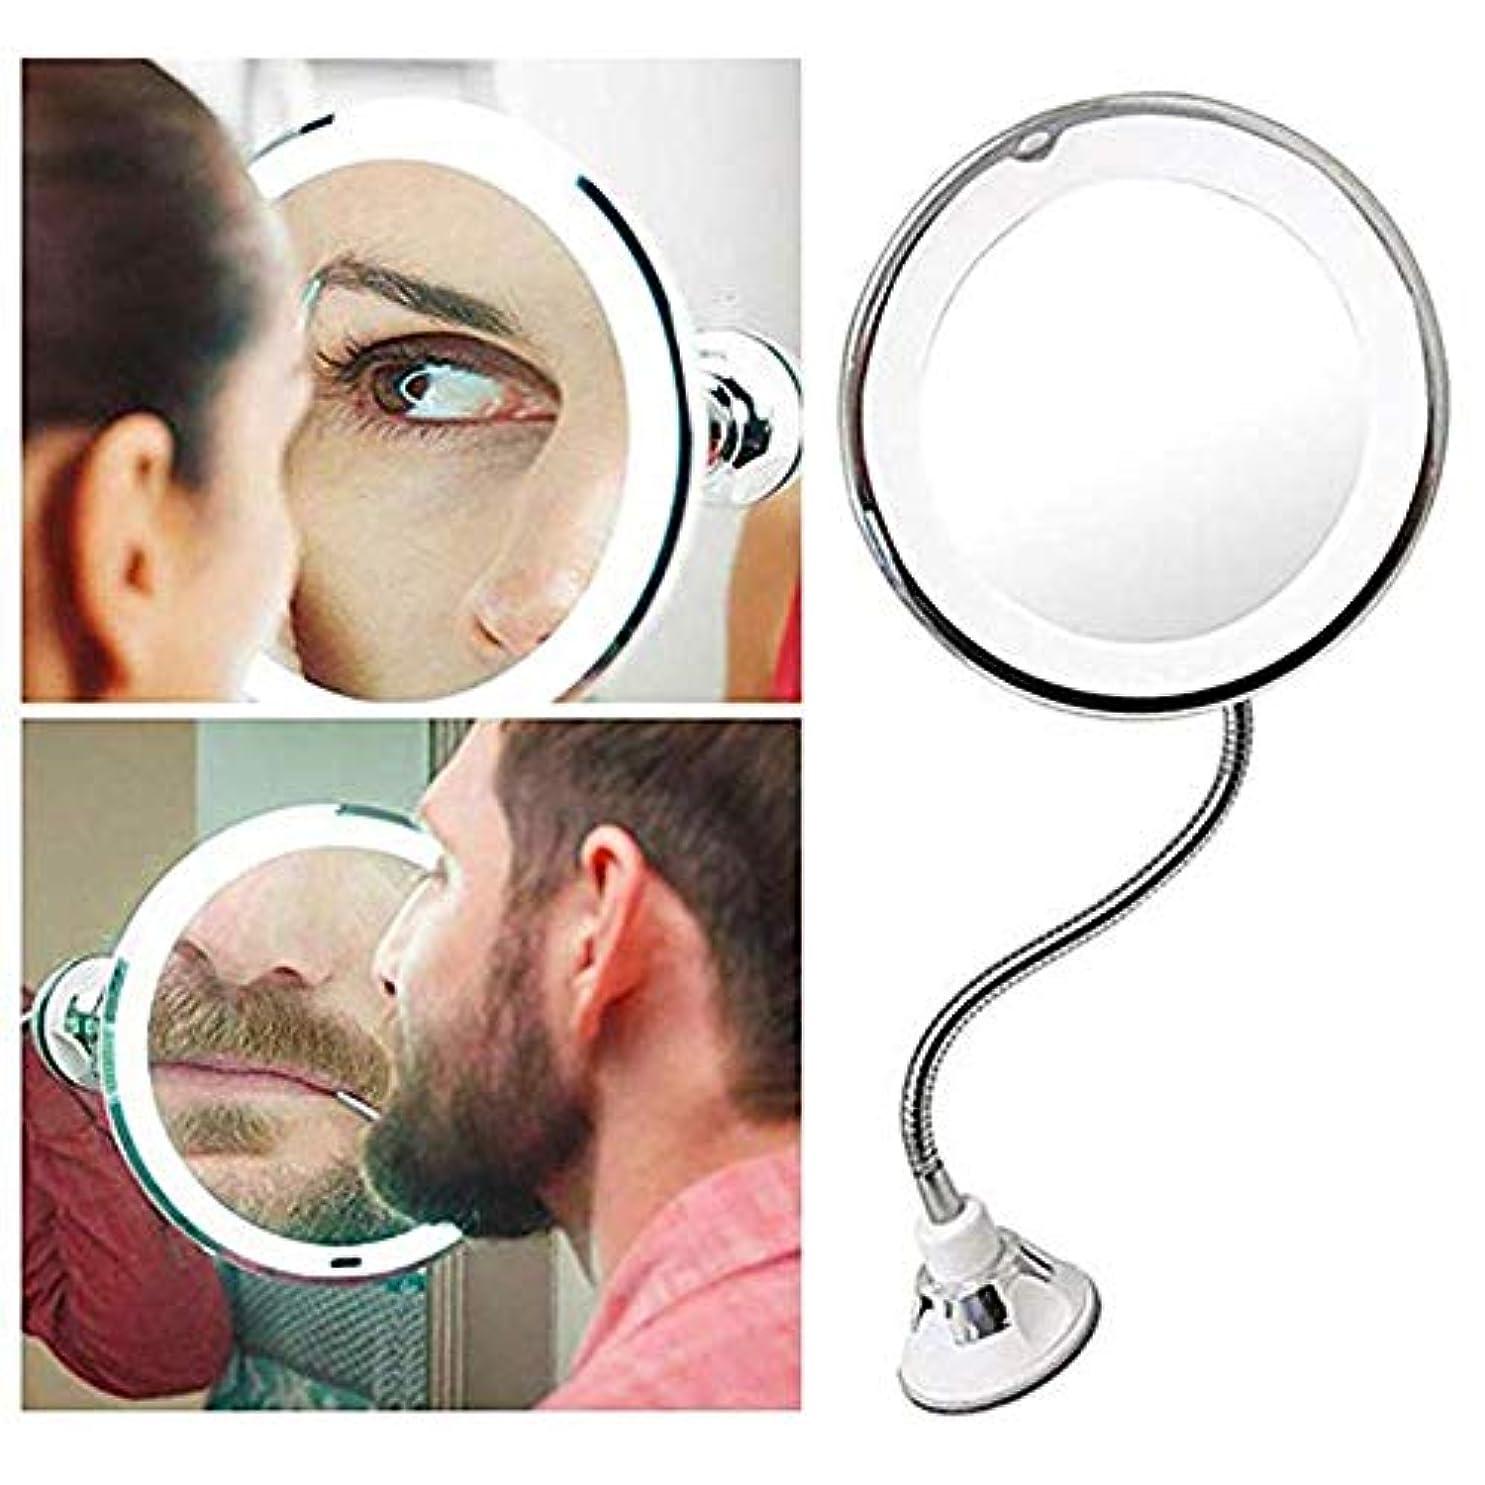 解体する拡大するインレイ7倍 LED化粧鏡 風呂鏡 吸盤ロック付き 浴室鏡 化粧ミラー 360度回転 メイクミラー LUERME 吸盤ロック付き 化粧ミラー シャワーミラー 鏡面直径17CM